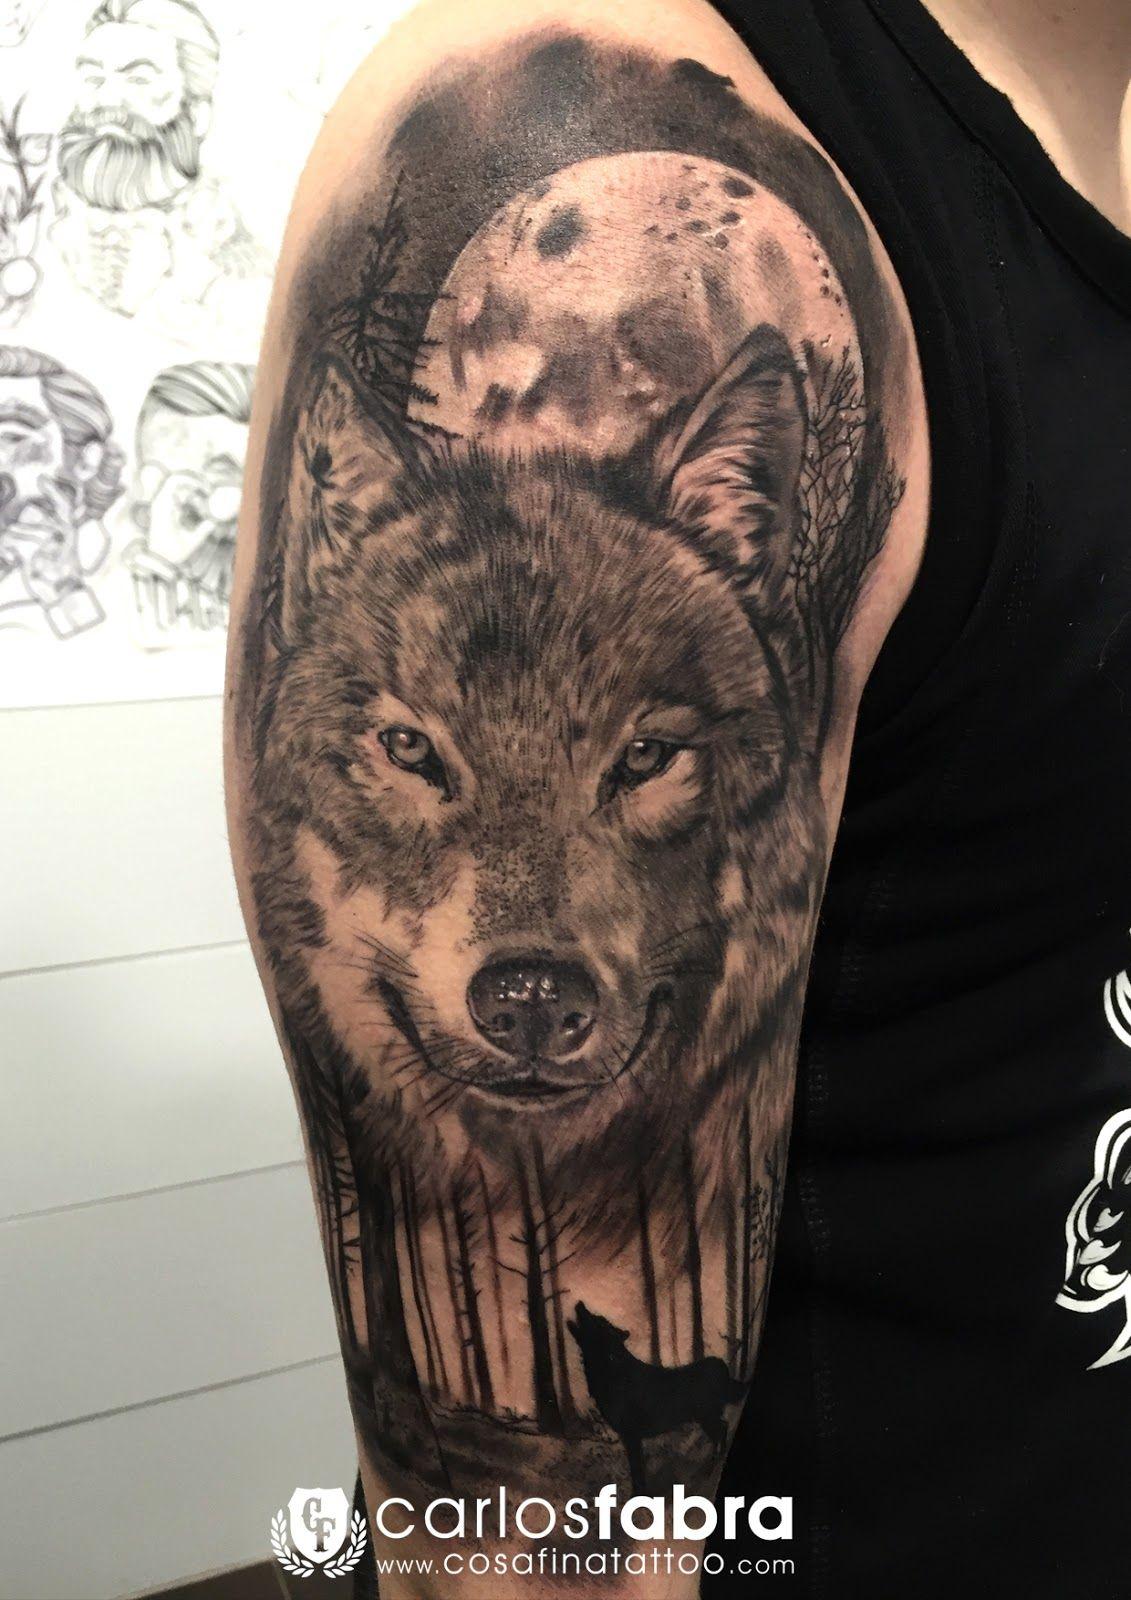 Tatuaje Lobo Luna Bosque Arboles Tattoo Wolf Moon Forest Tree Cosafina Cosa Fina Carlos Fabra Barcelona Jpg 1131 Wolf Tattoos Men Animal Tattoos Wolf Tattoos